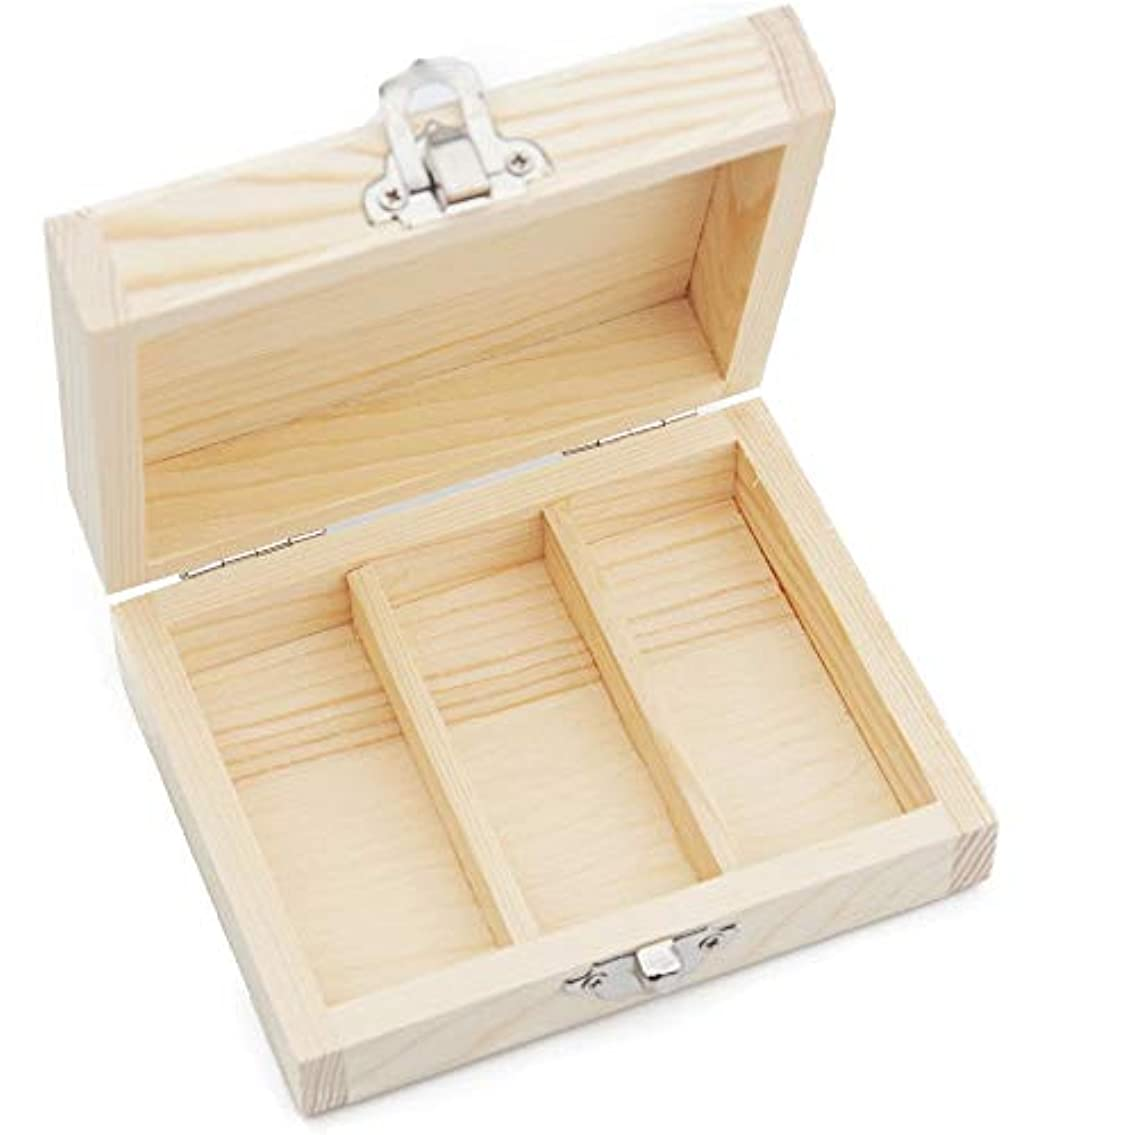 チャーターワードローブ賄賂エッセンシャルオイルボックス オイル主催ケースの3スロットウッドオイルボックス3つの15ミリリットル瓶 アロマセラピー収納ボックス (色 : Natural, サイズ : 11X8.5X4.5CM)